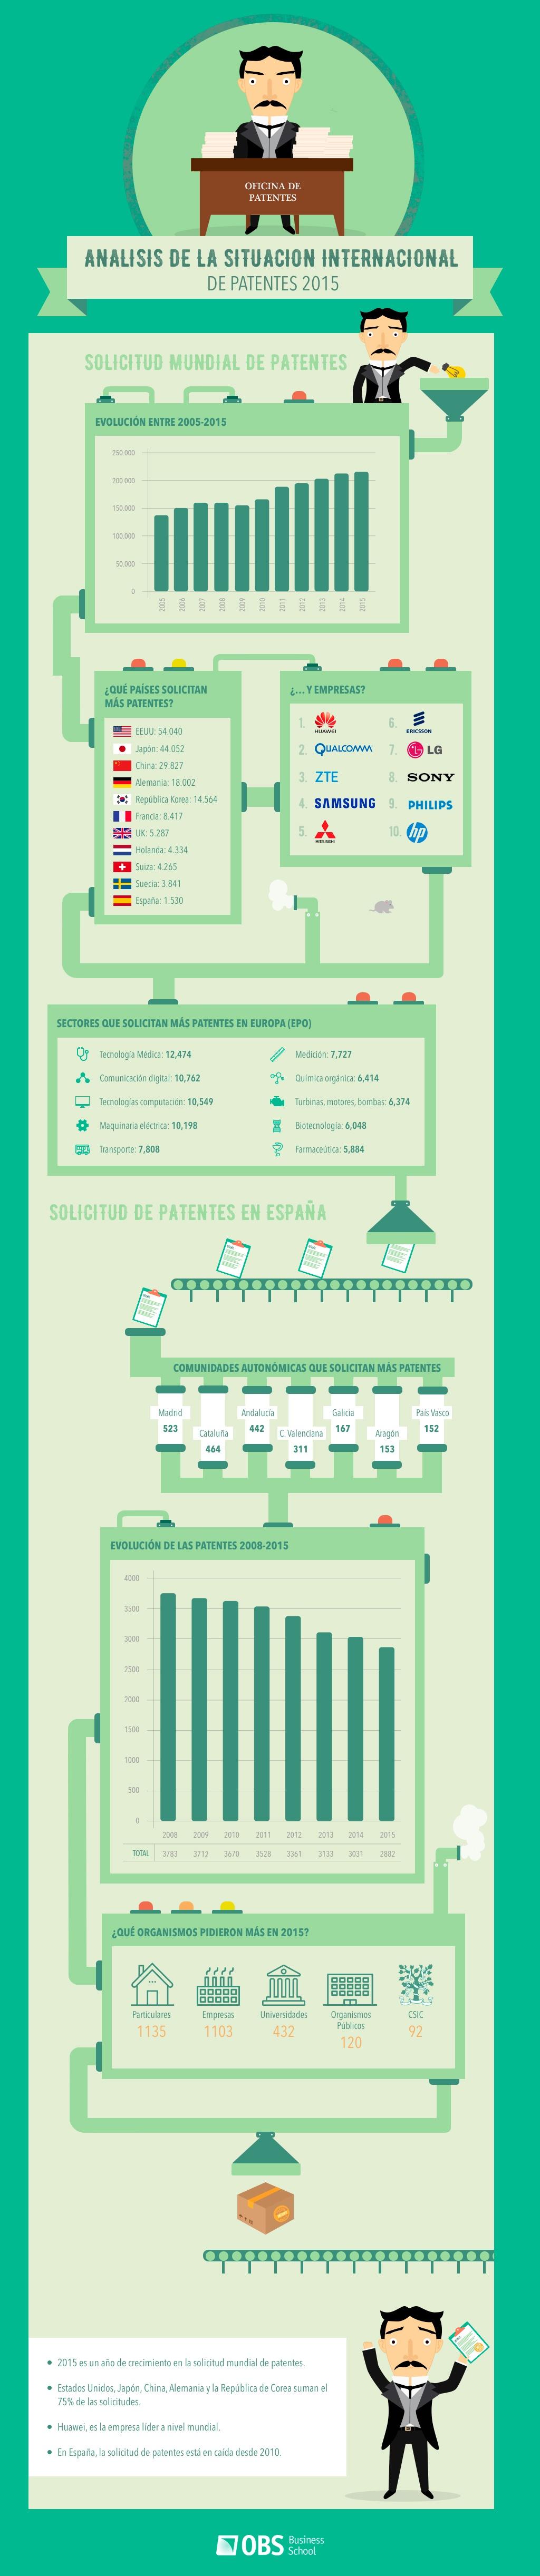 Patentes: situación internacional en 2015